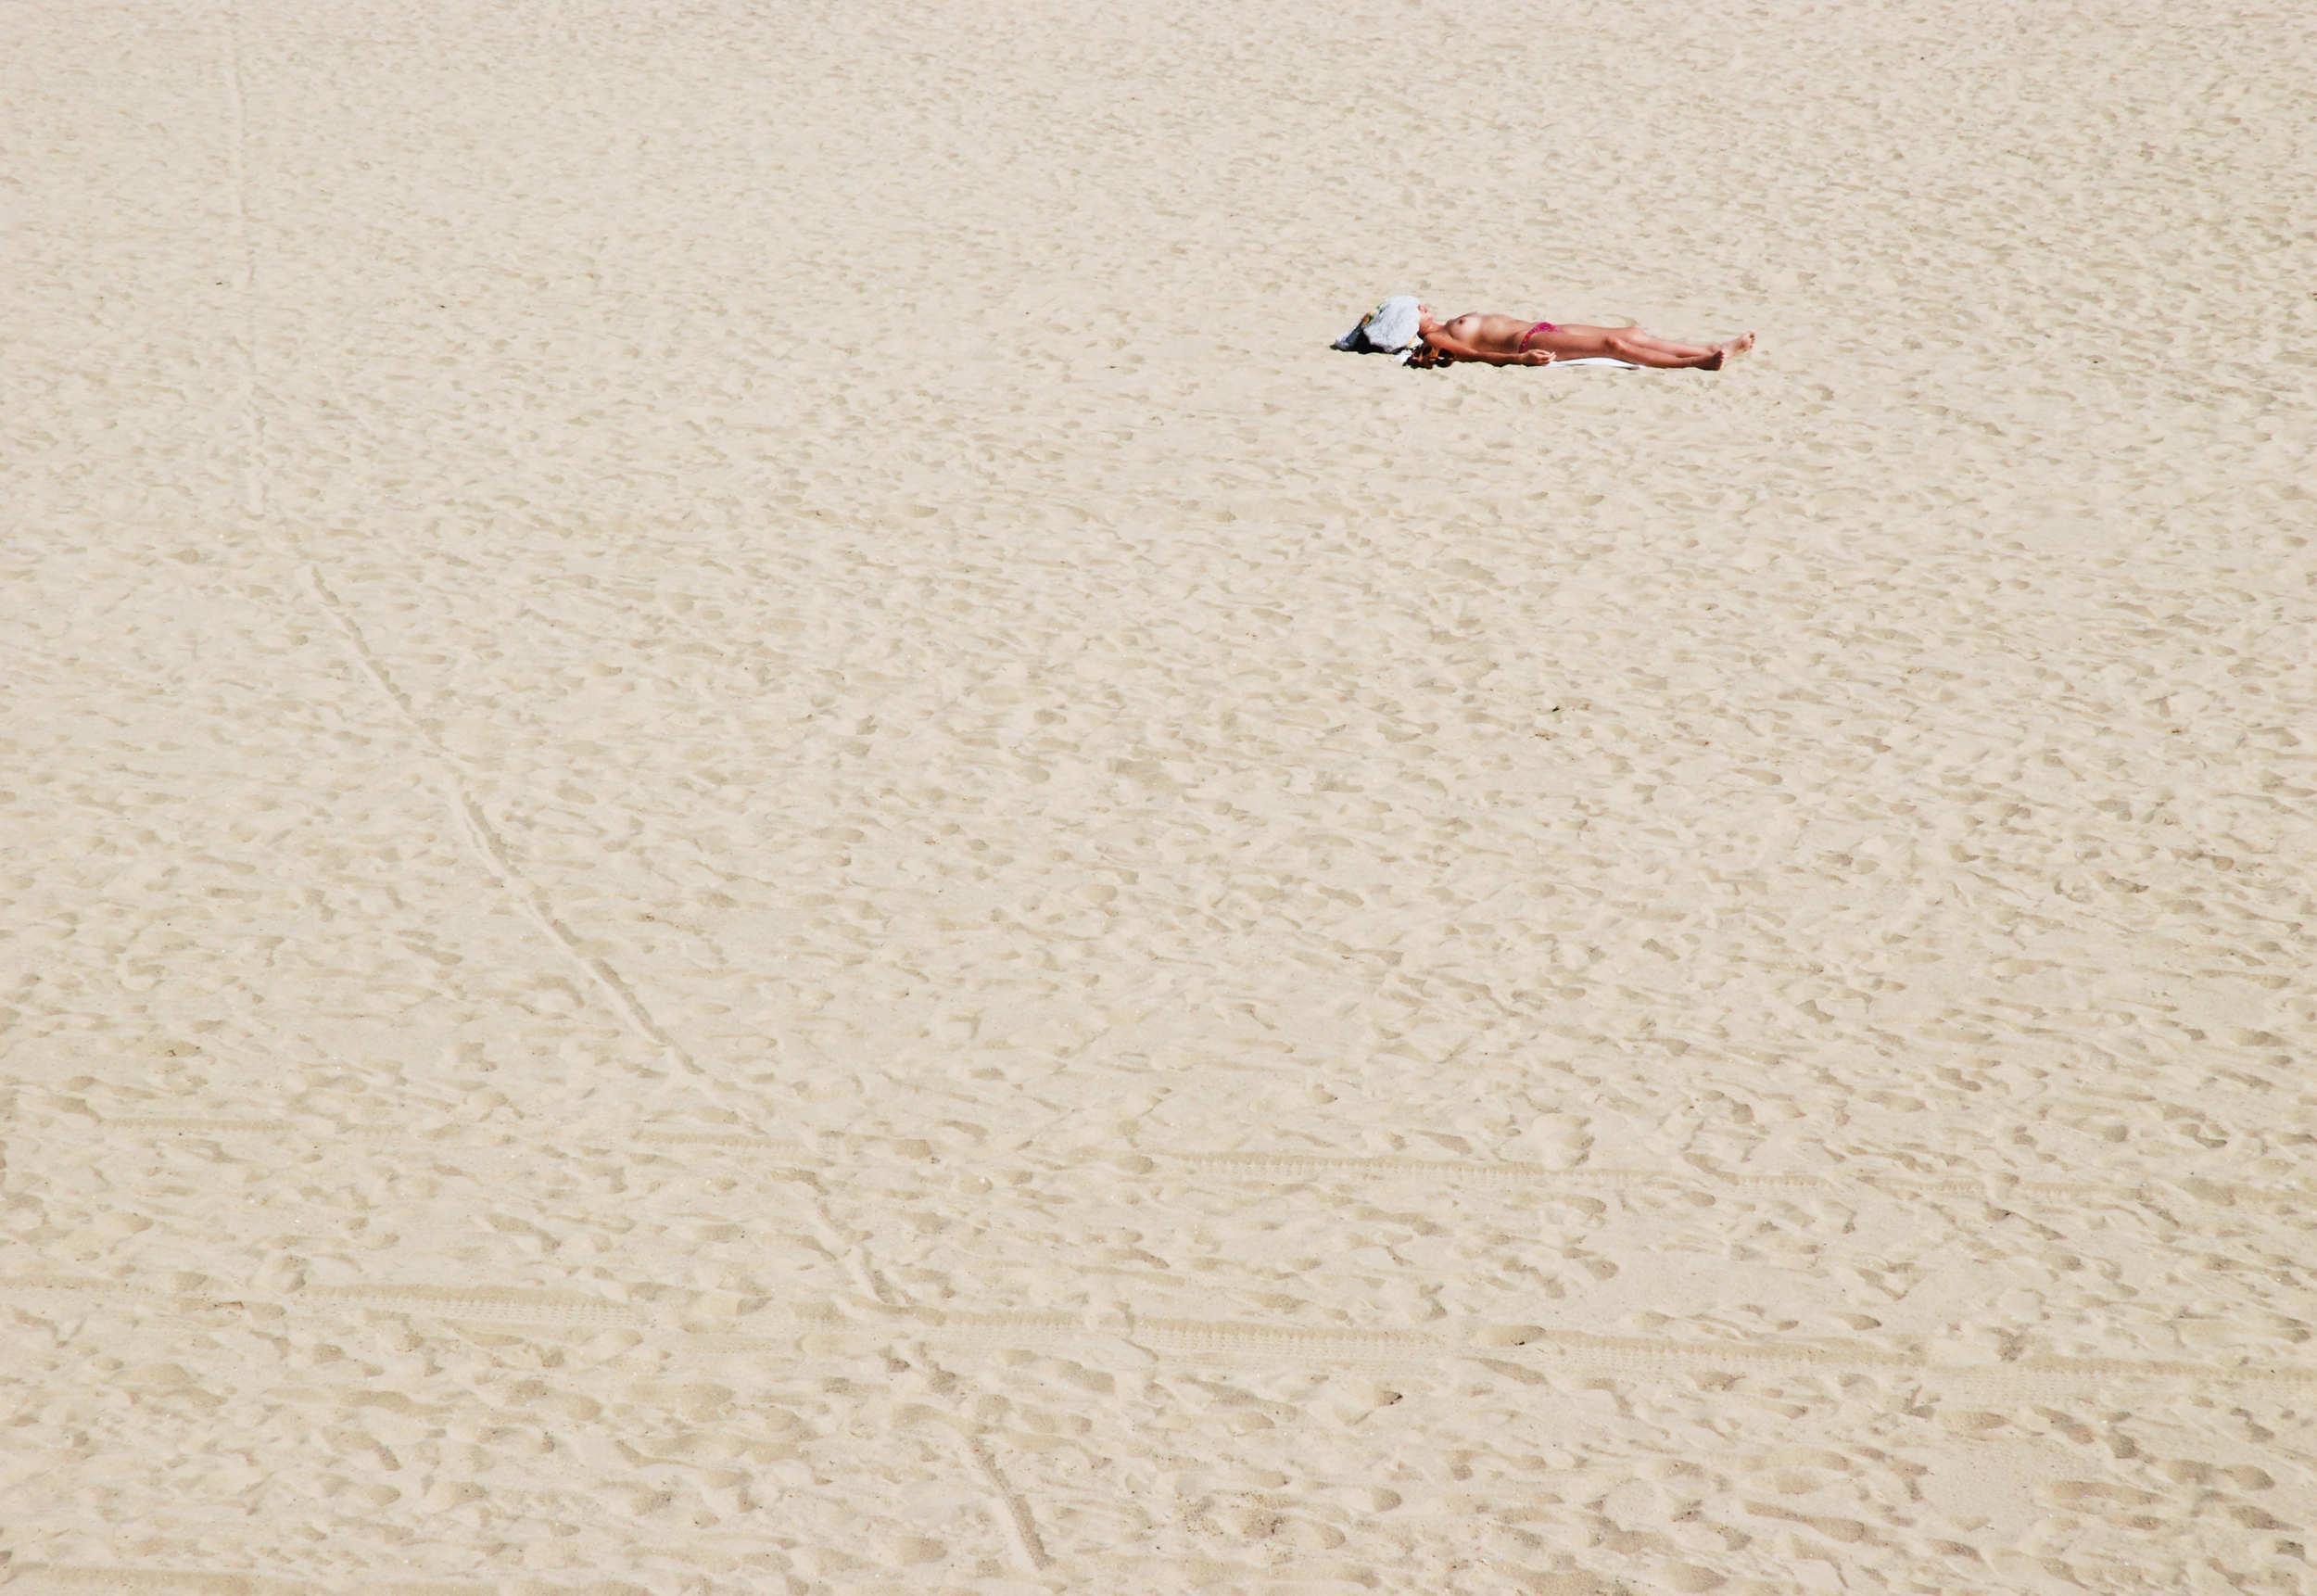 Travel-Barcelona-Sun-Tan-344.jpg